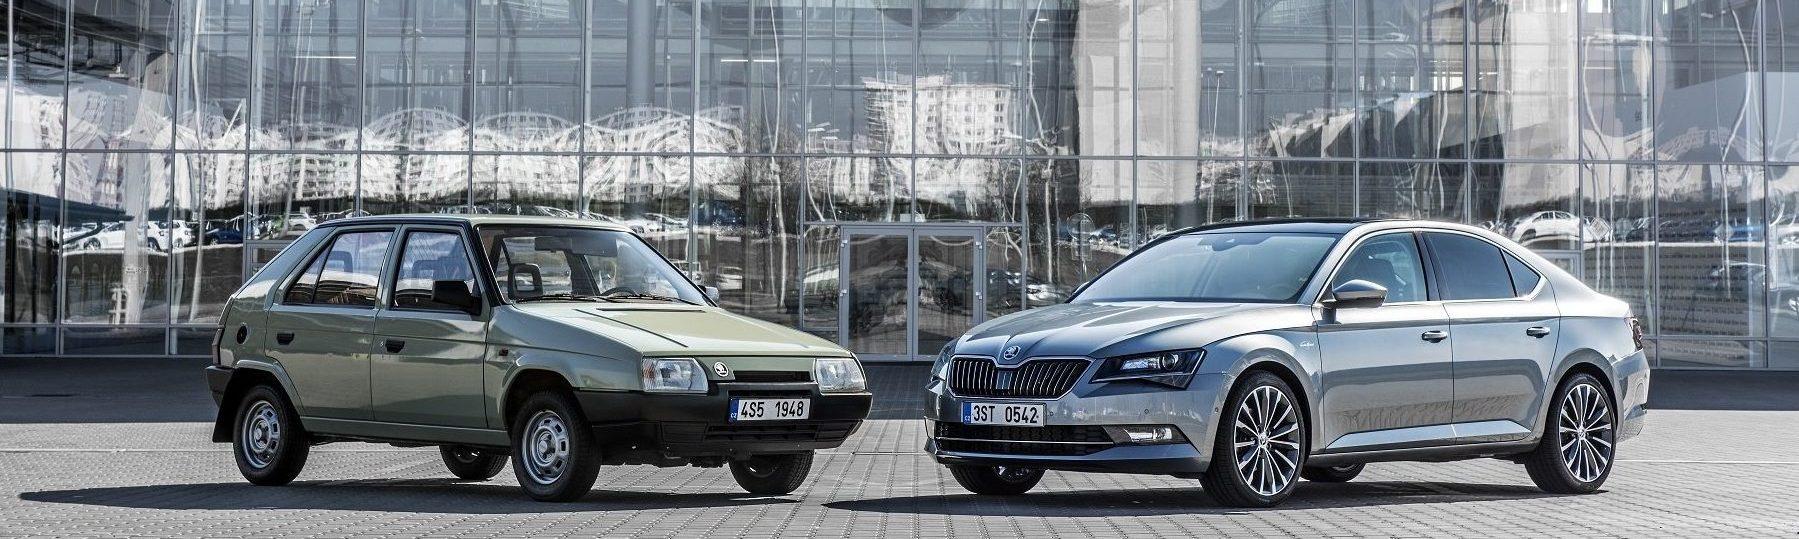 Обзор продаж автомобилей чешской компании SKODA